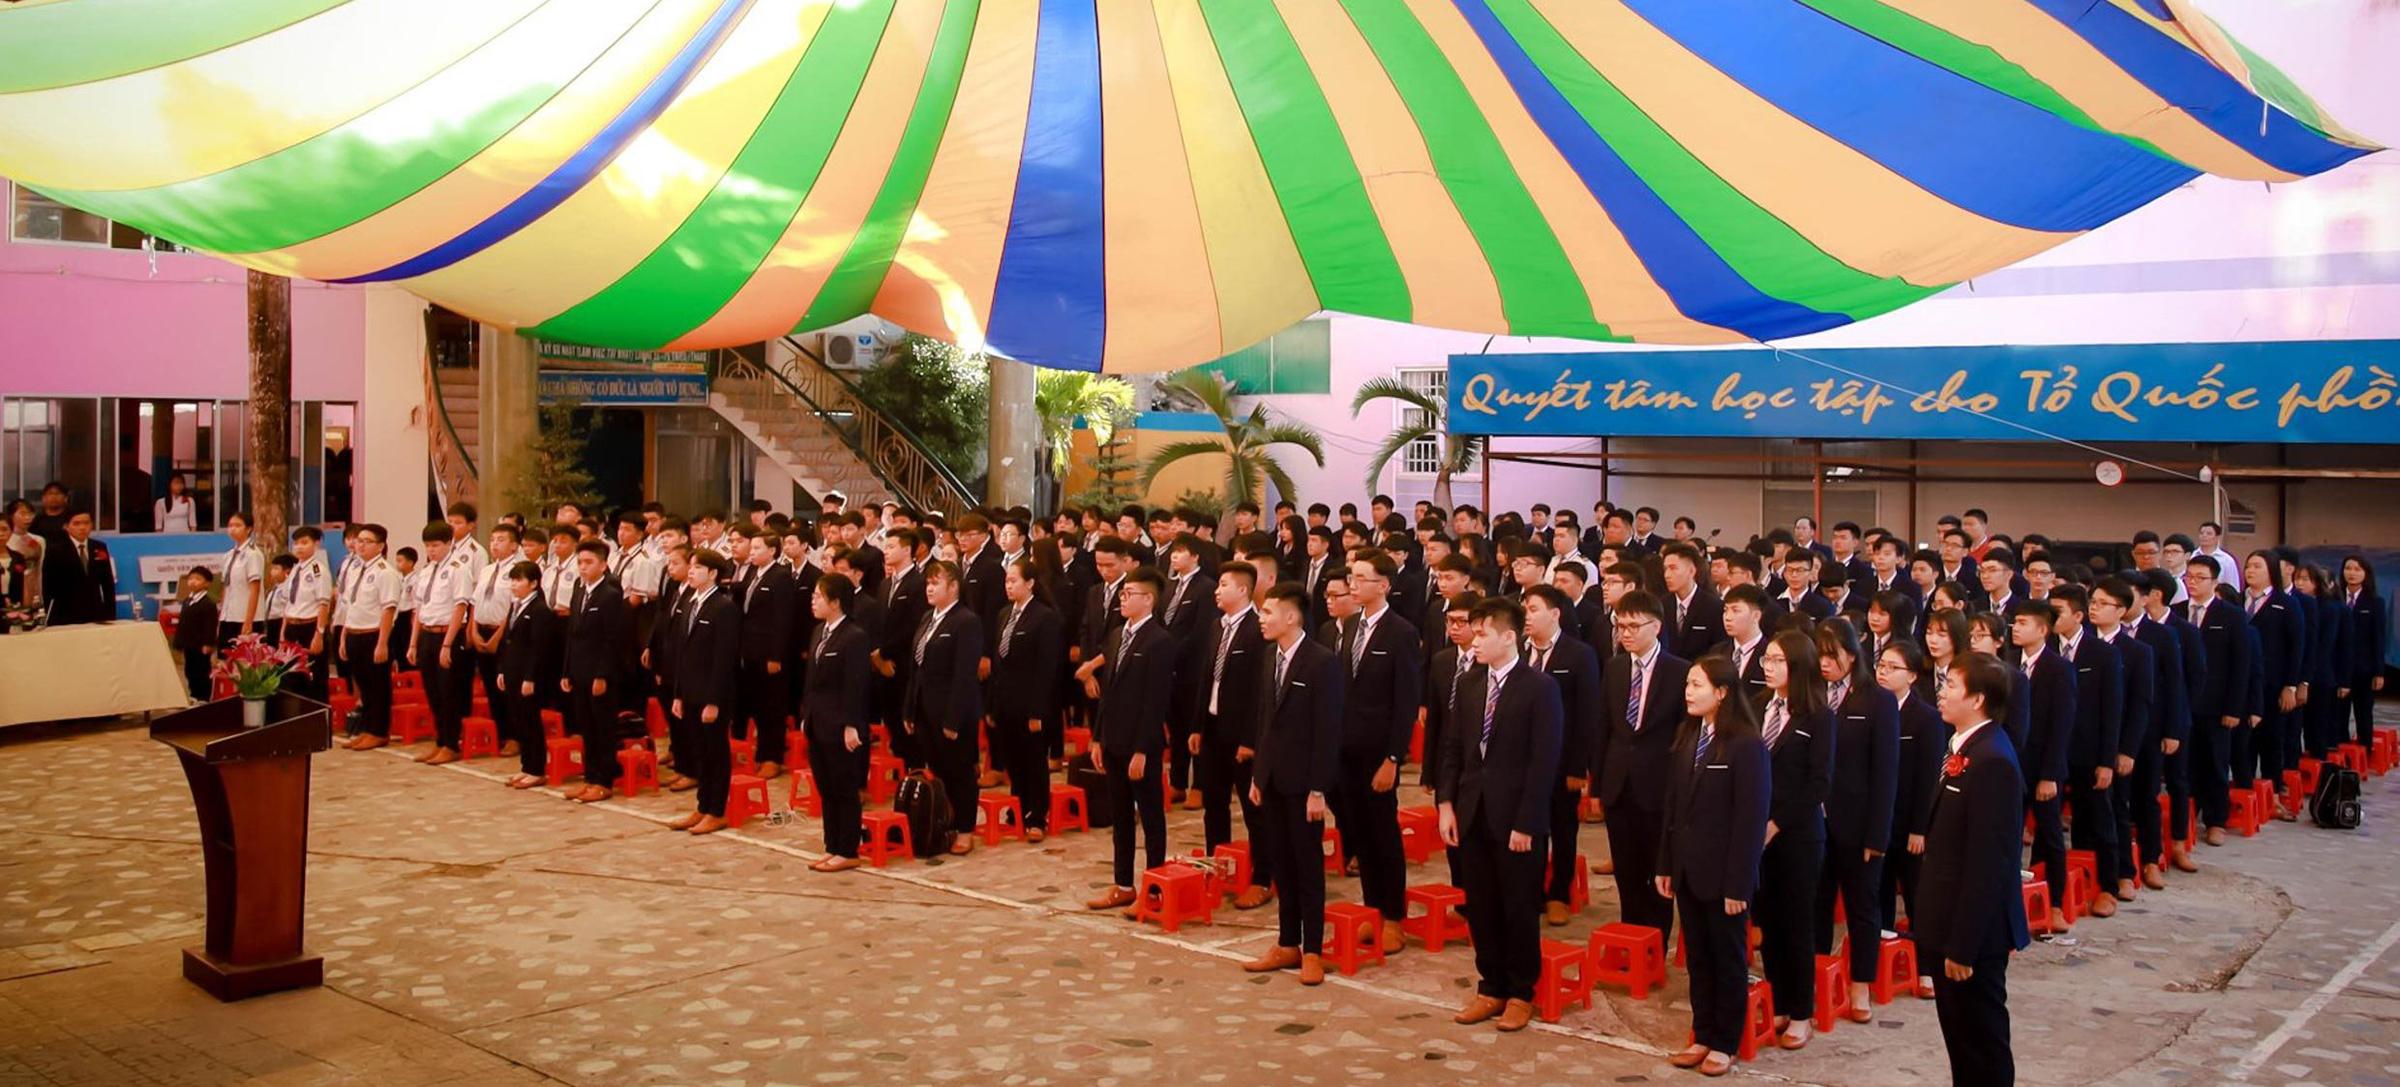 Học sinh cấp 3 tại trường Quốc Văn trong buồi chào cờ đầu tuần vào năm 2021.